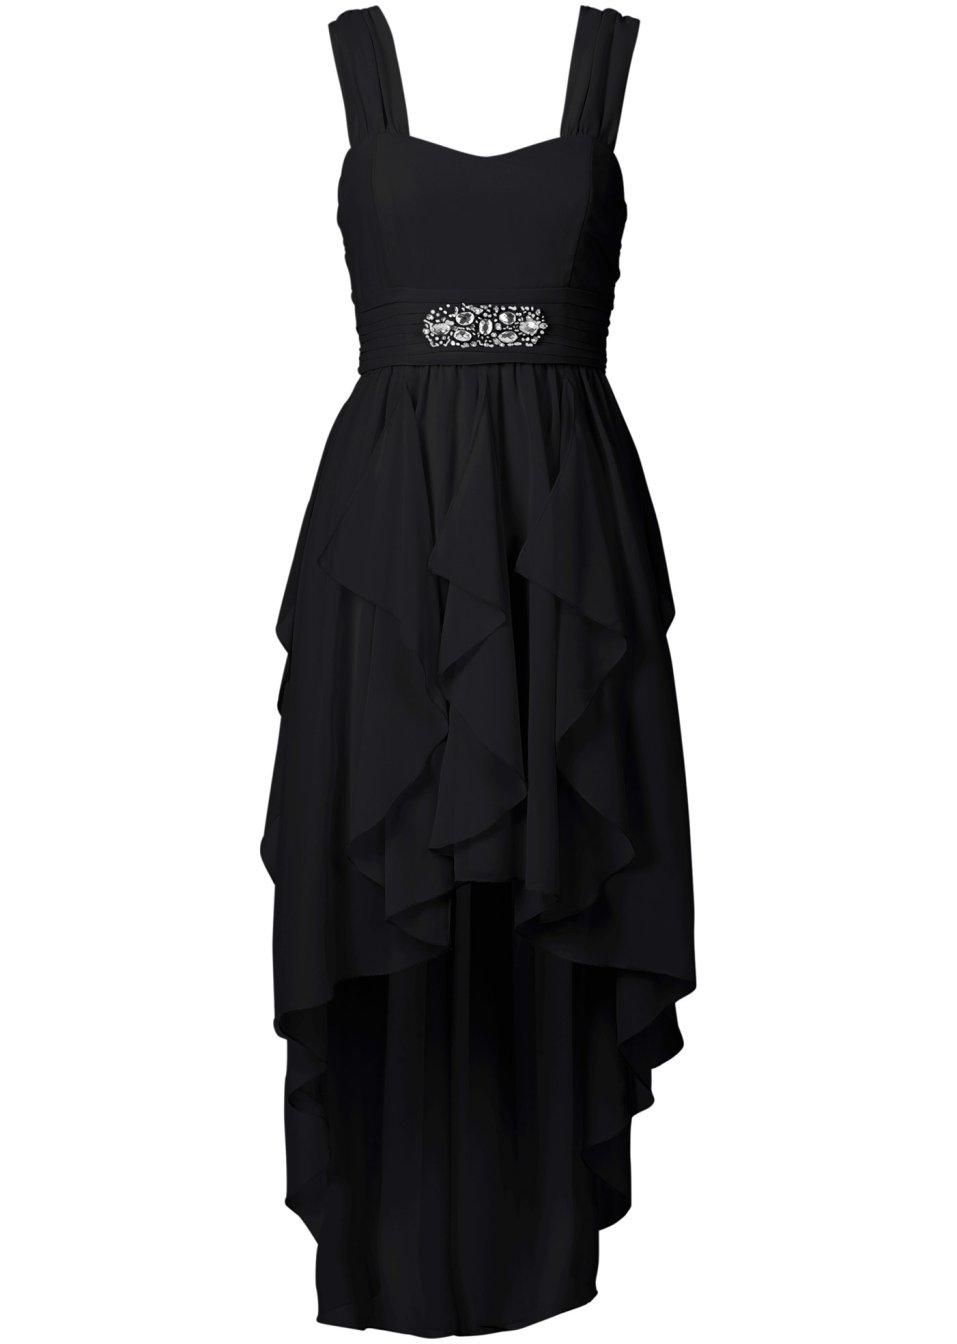 geschmackvolles kleid mit schmucksteinen schwarz. Black Bedroom Furniture Sets. Home Design Ideas